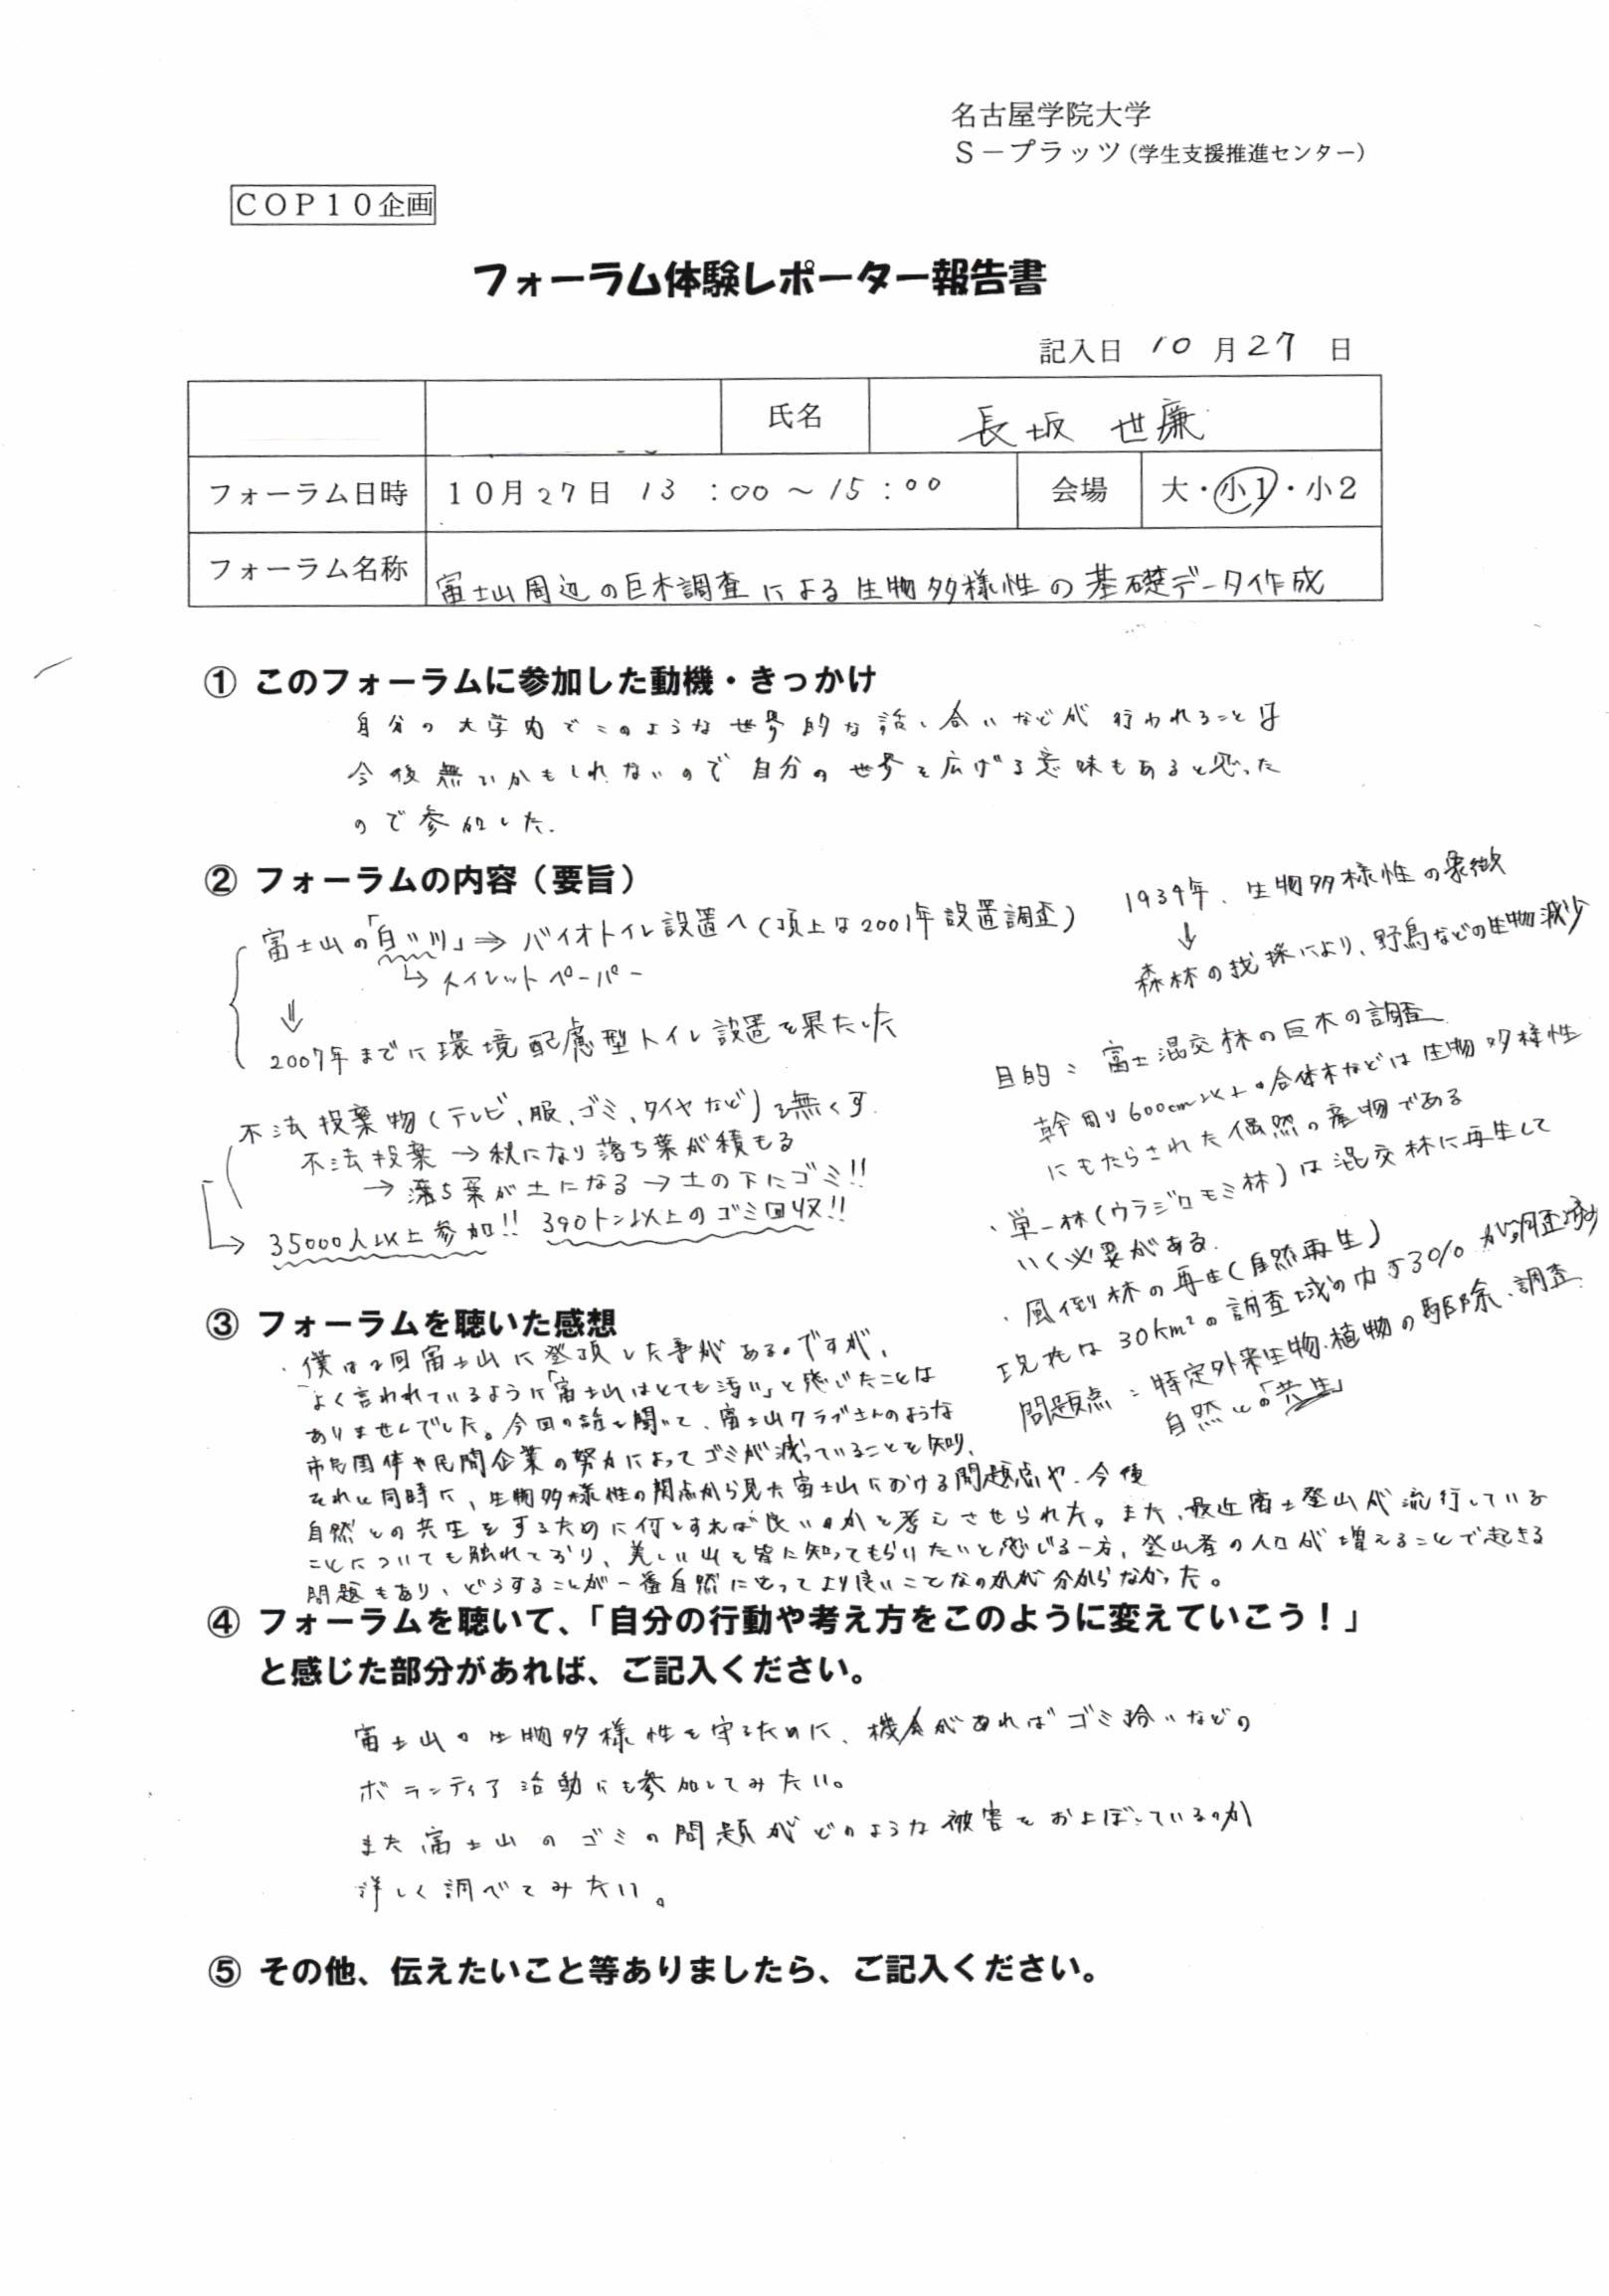 フォーラム体験レポーター報告長坂